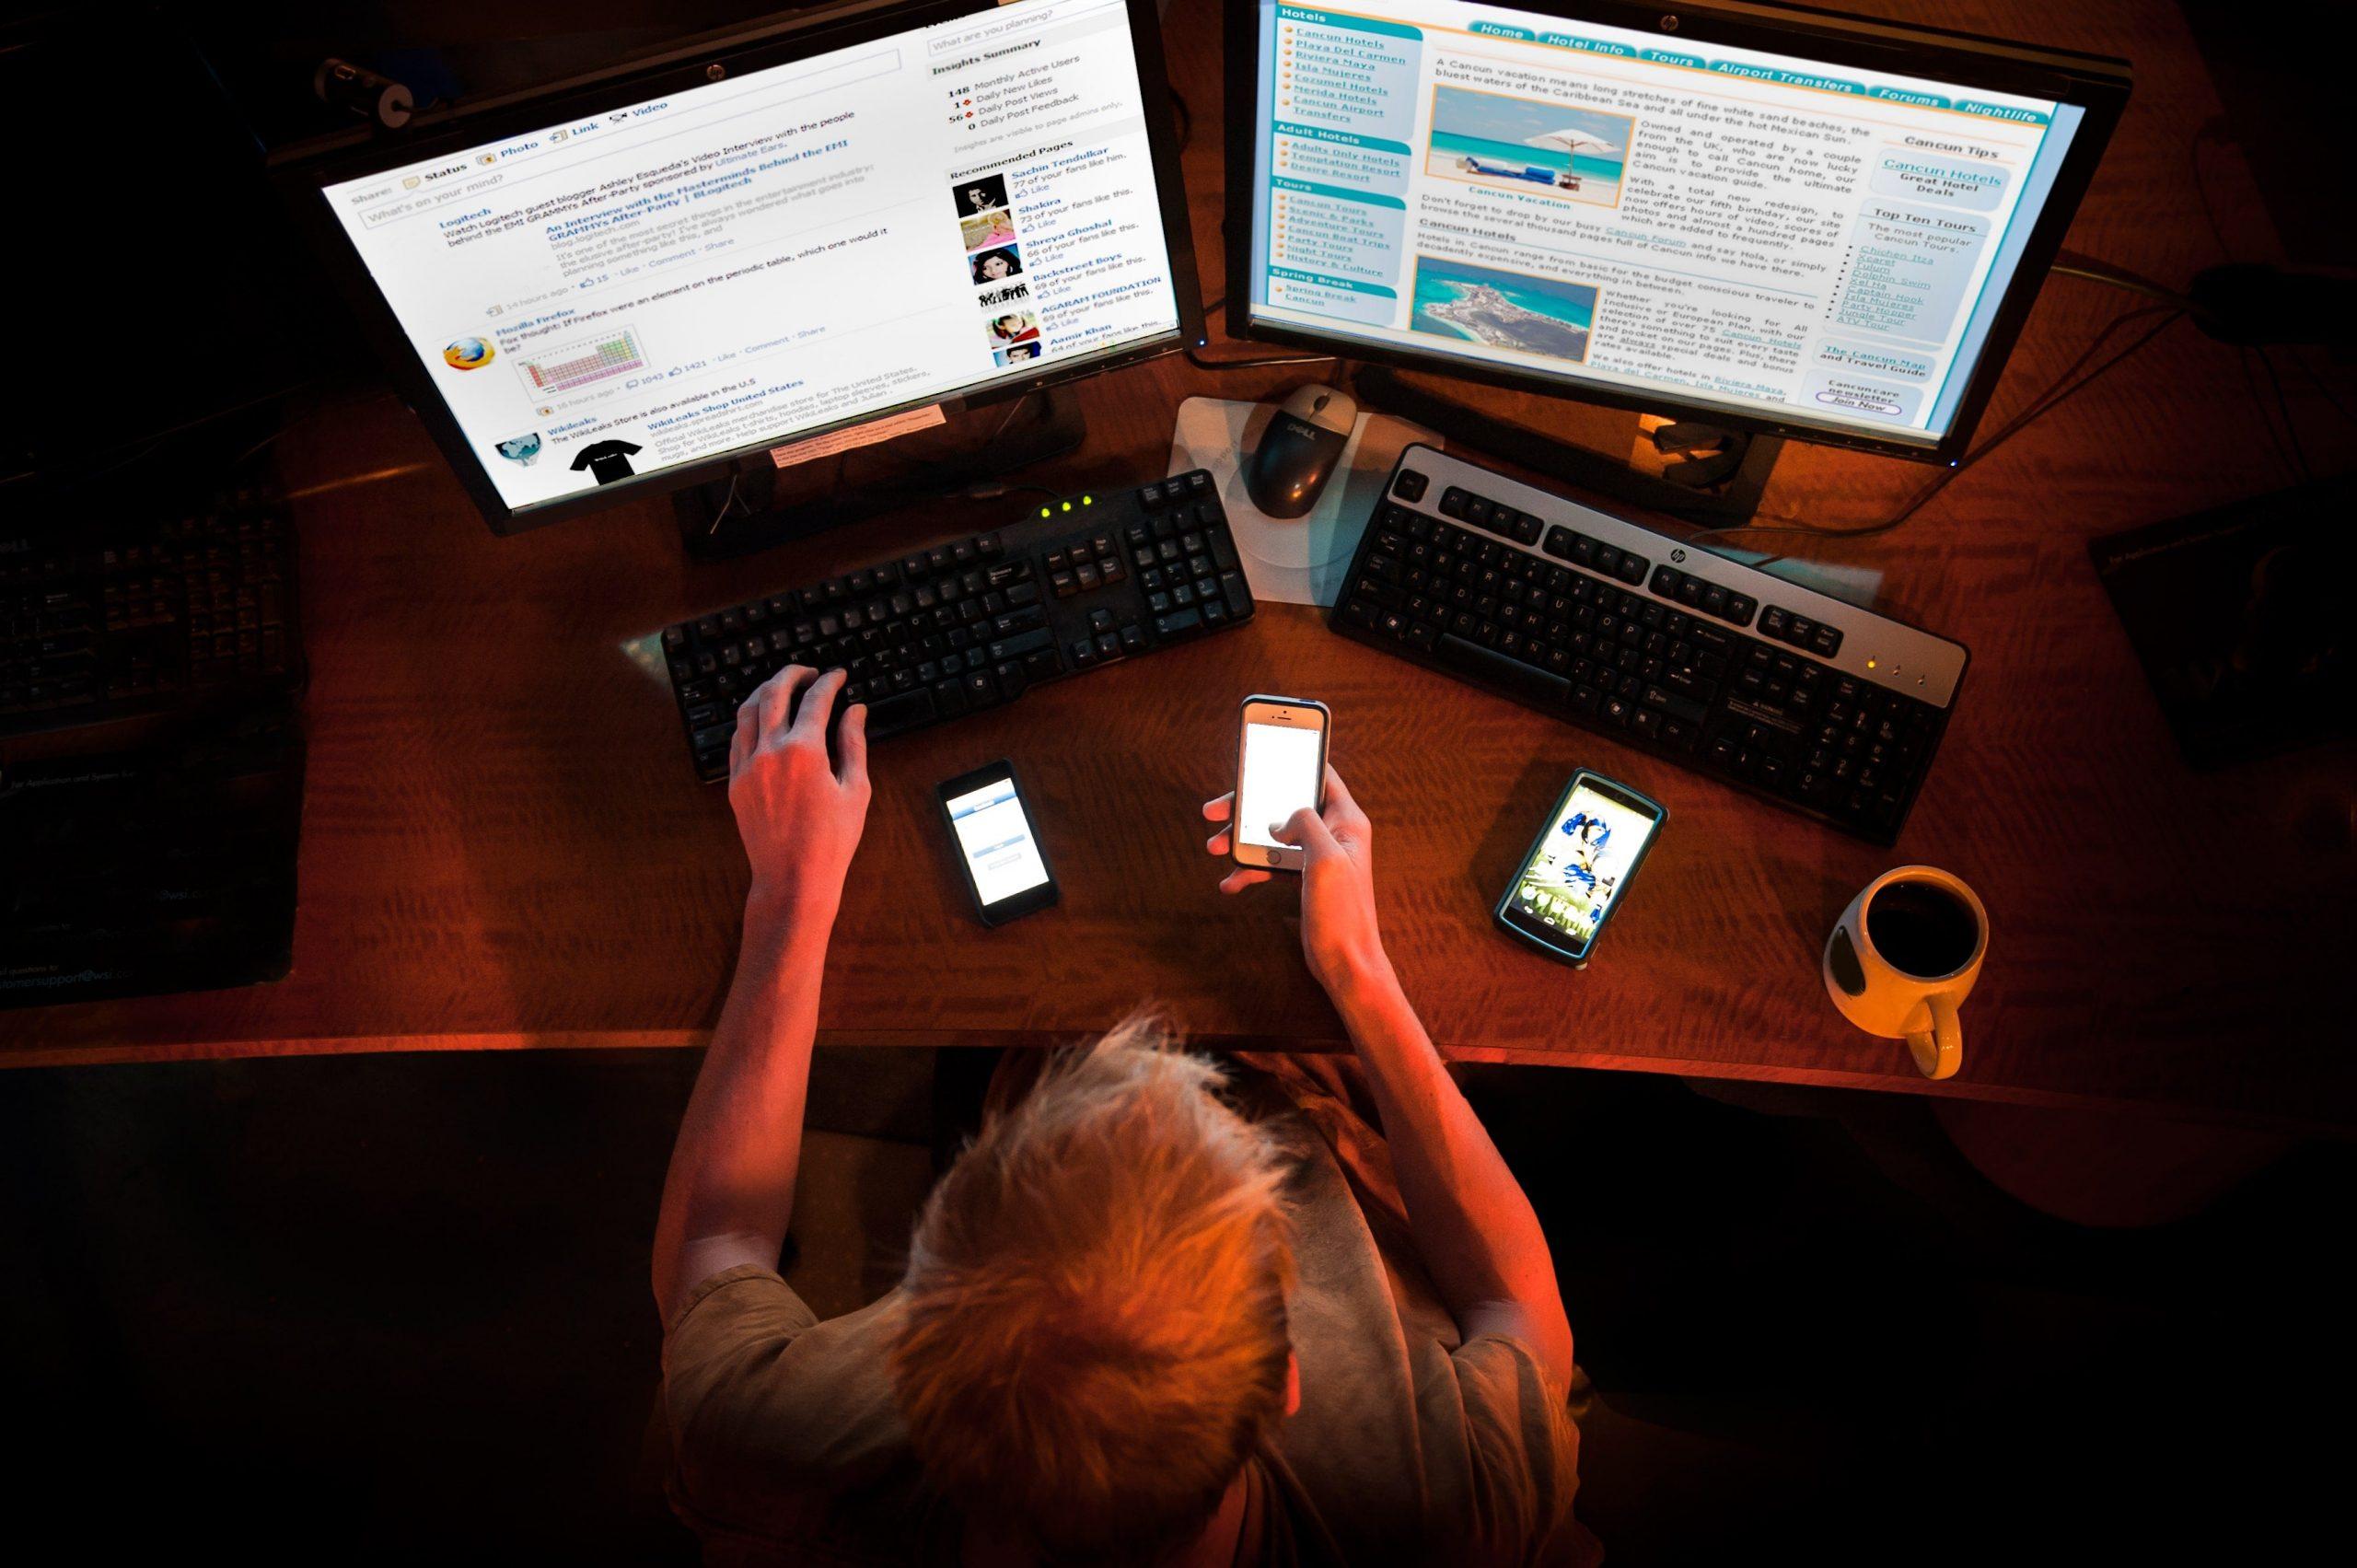 درمان اعتیاد به اینترنت